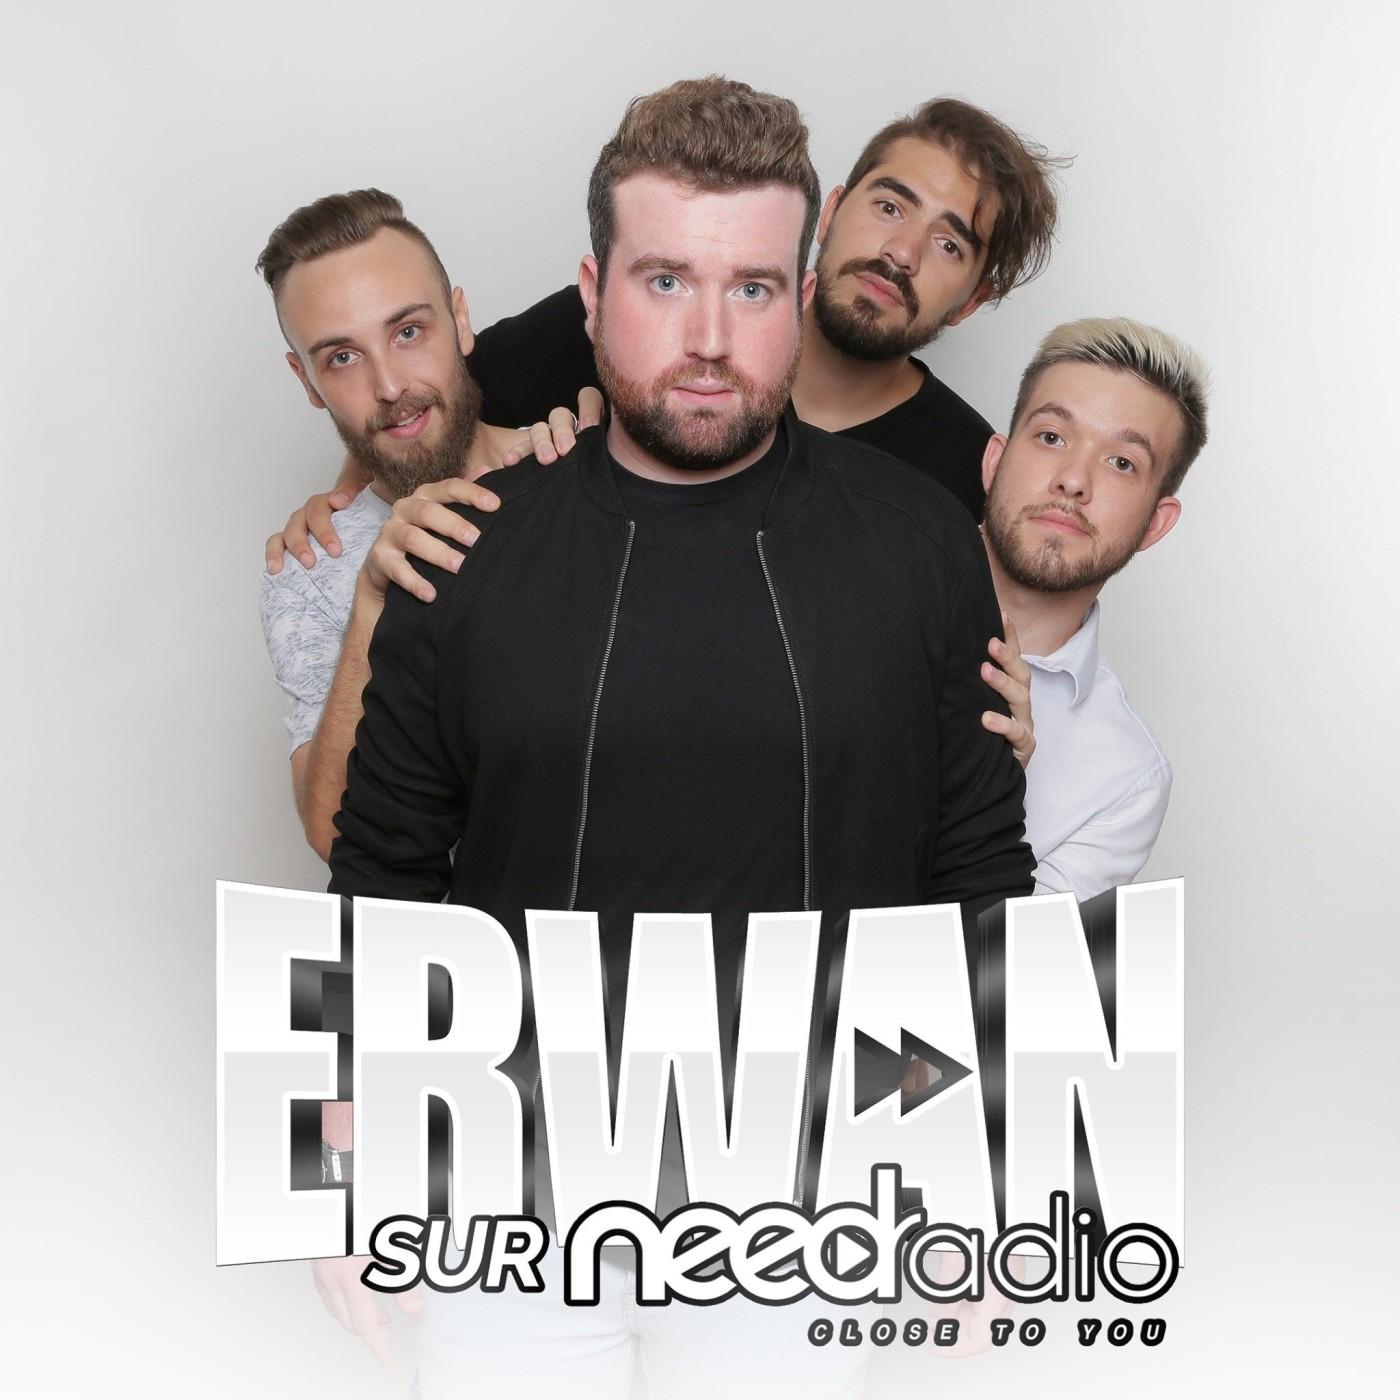 Erwan sur NEED Radio S2 #6 (10/11/19)